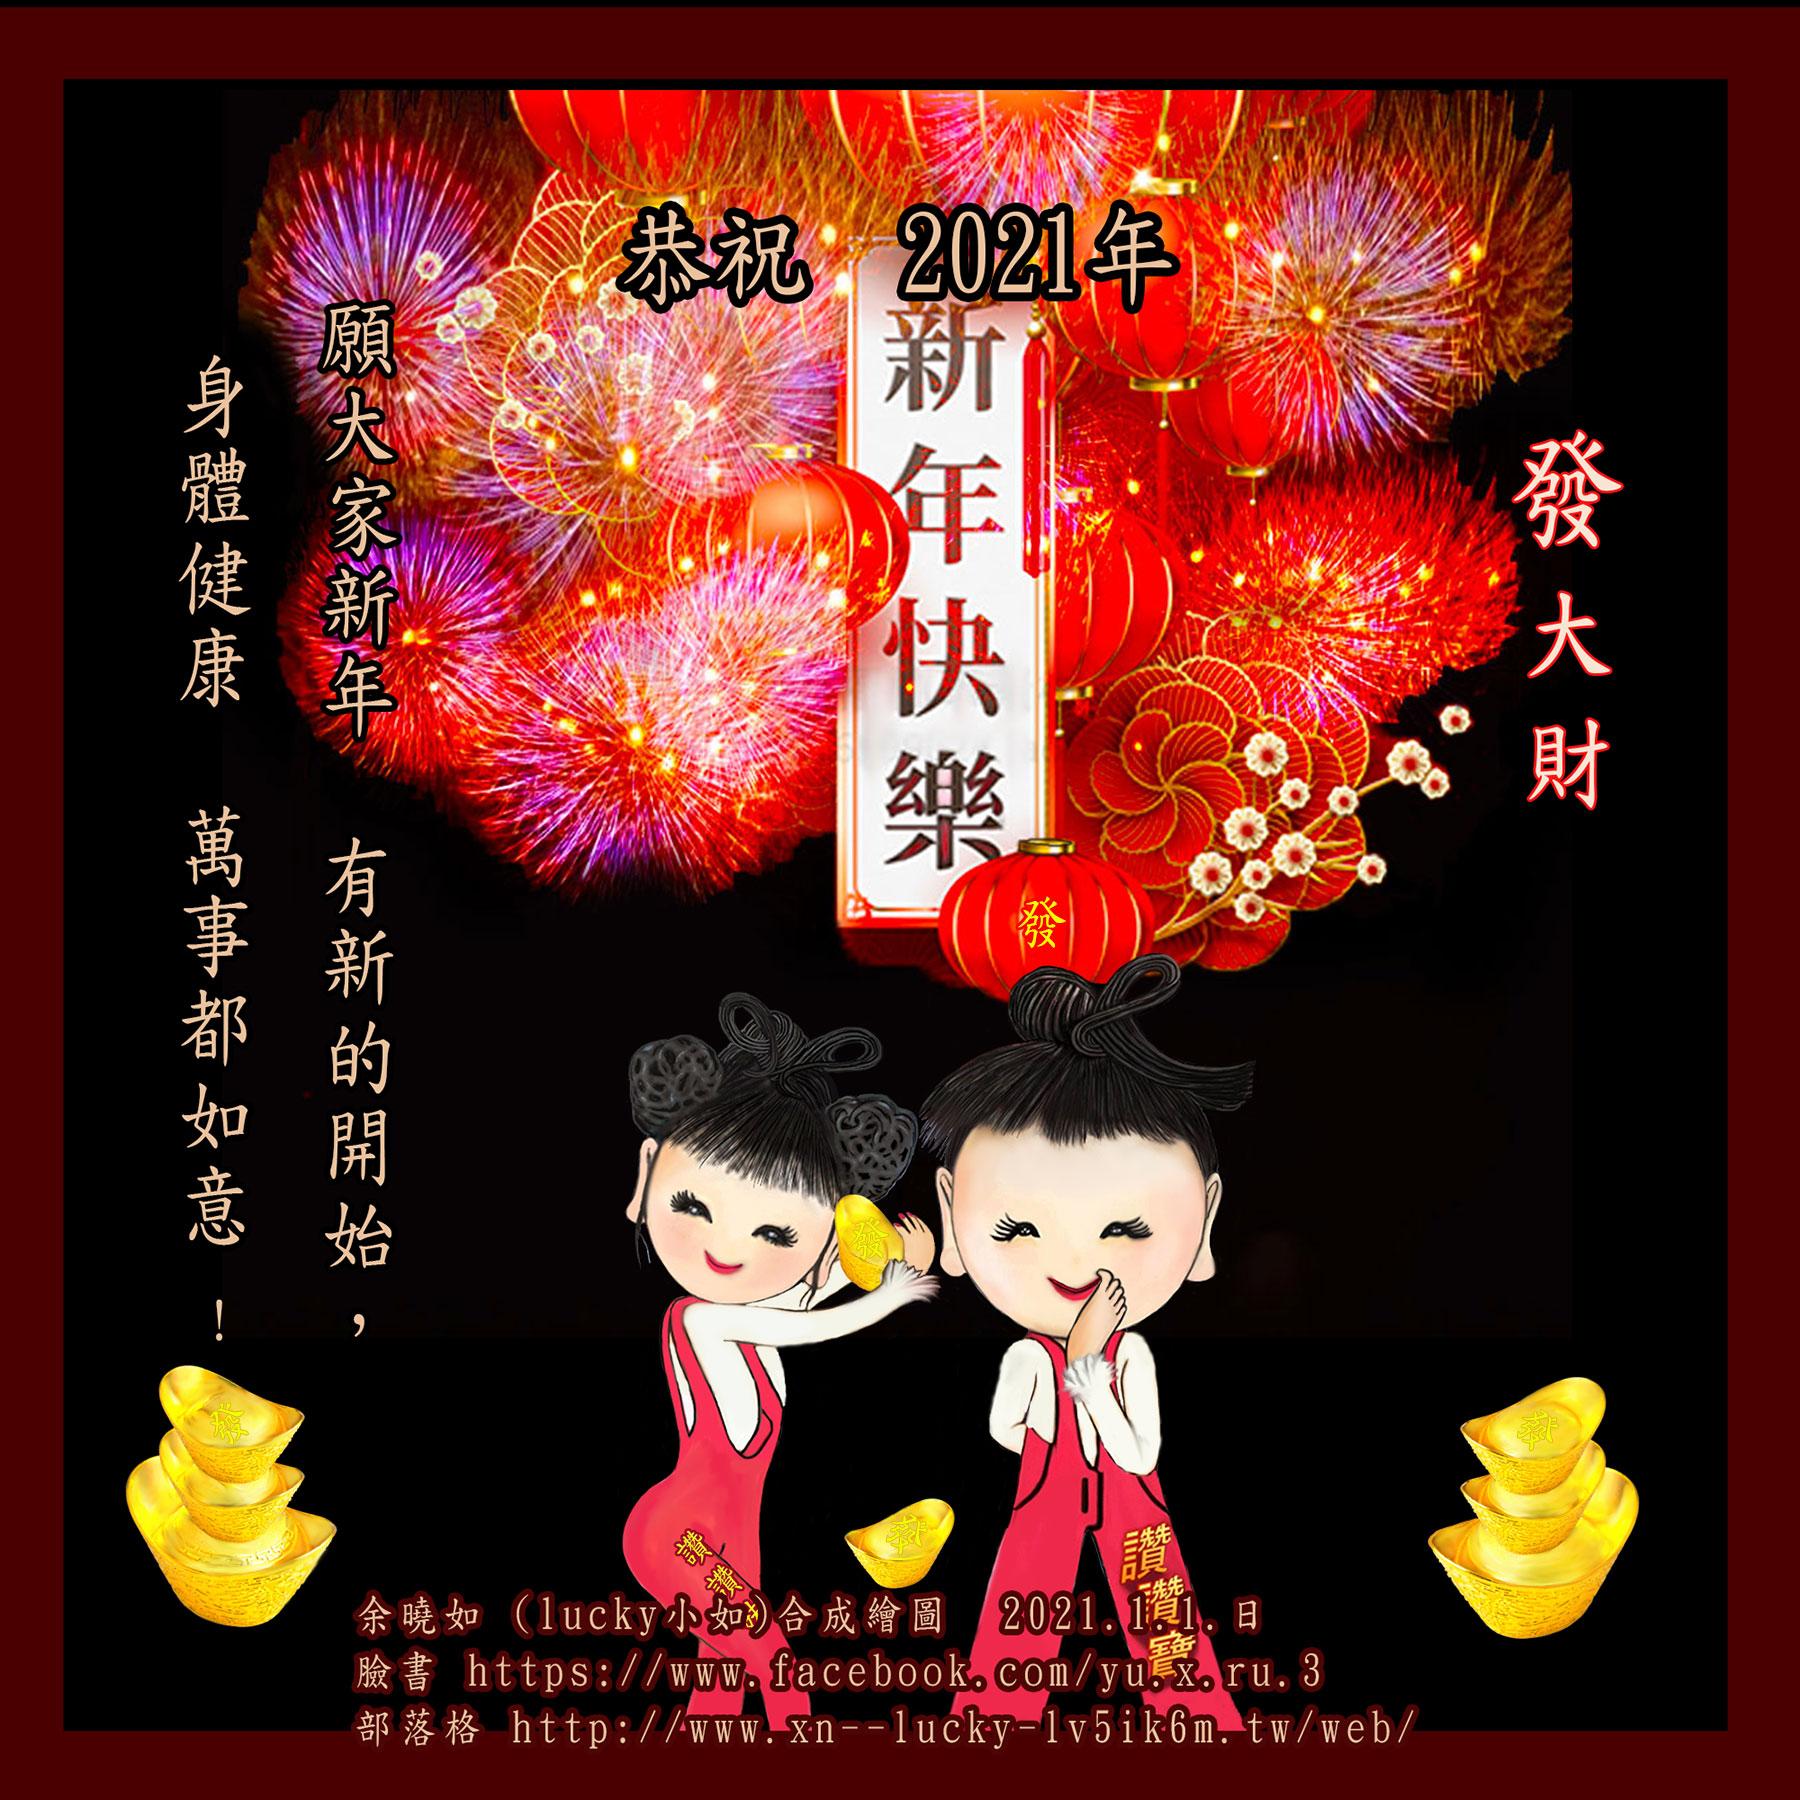 祝2021年 新年快樂喔!